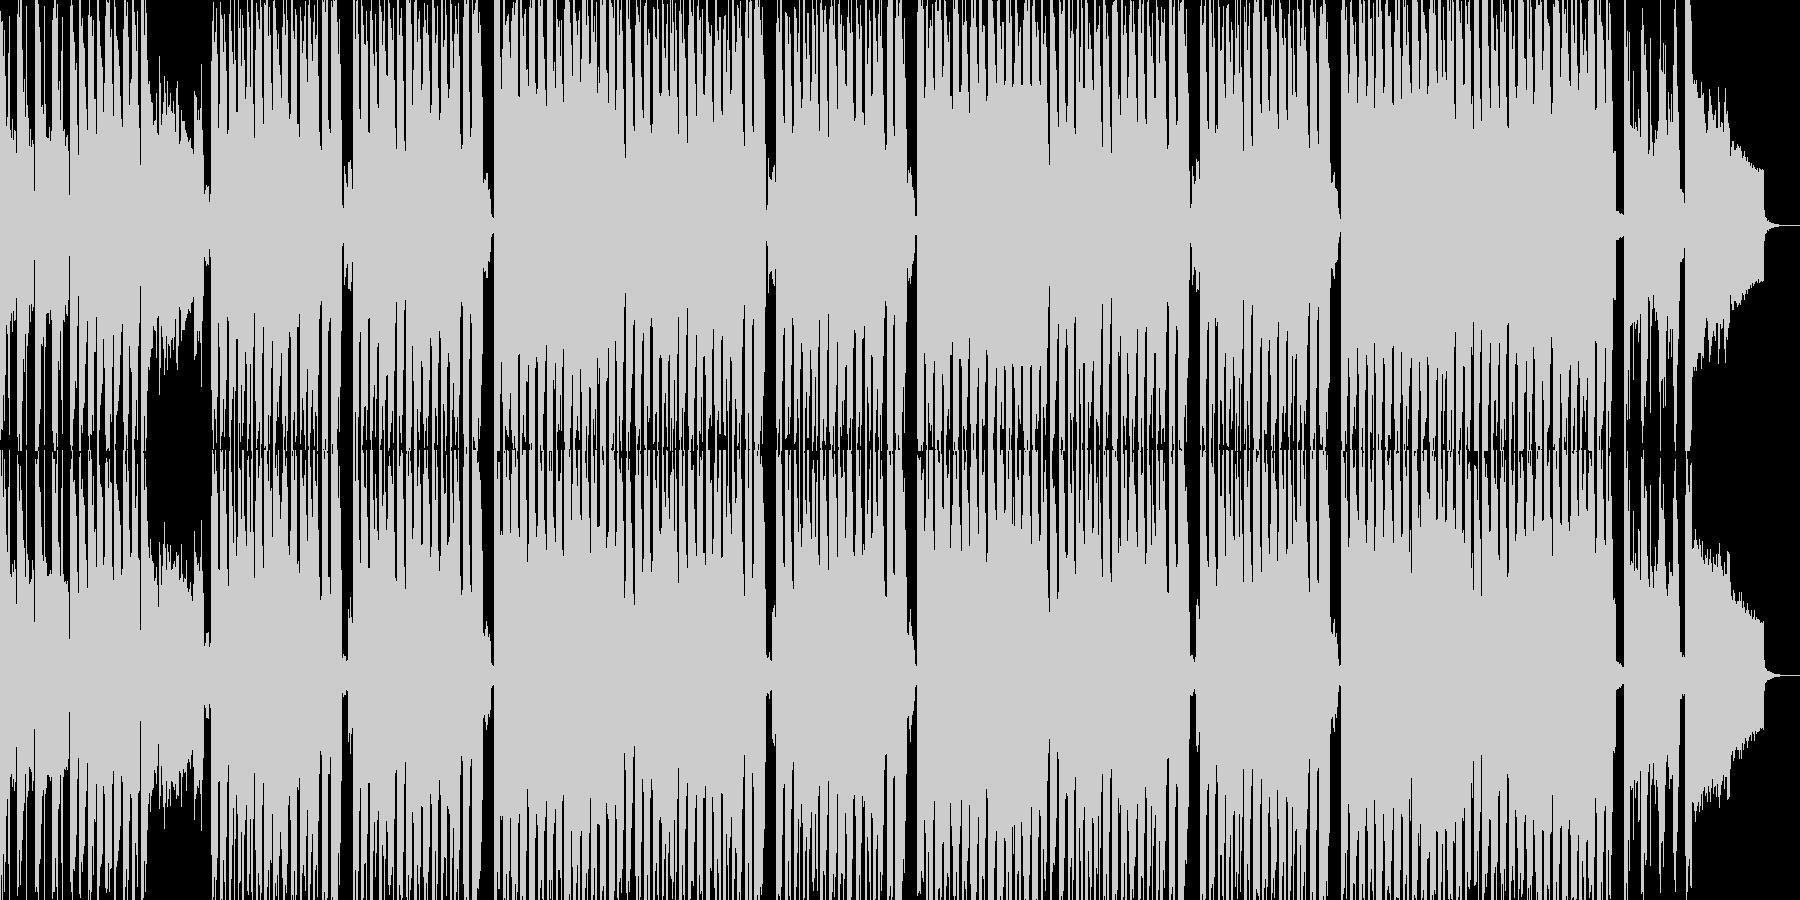 へたっぴリコーダーてんやわんやコメディ風の未再生の波形